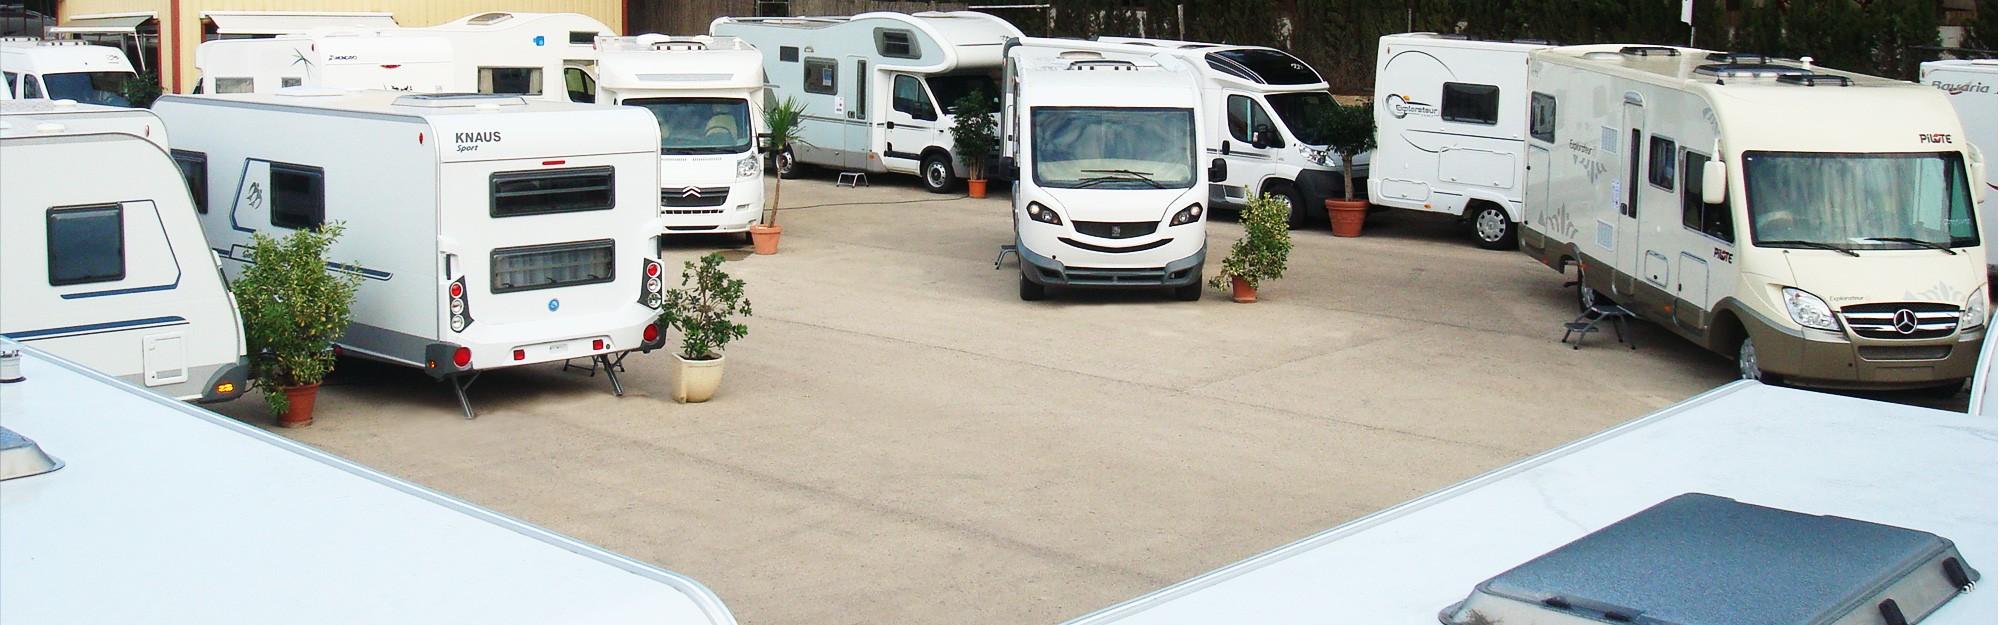 Caravanas y autocaravanas en exposición en Valencia